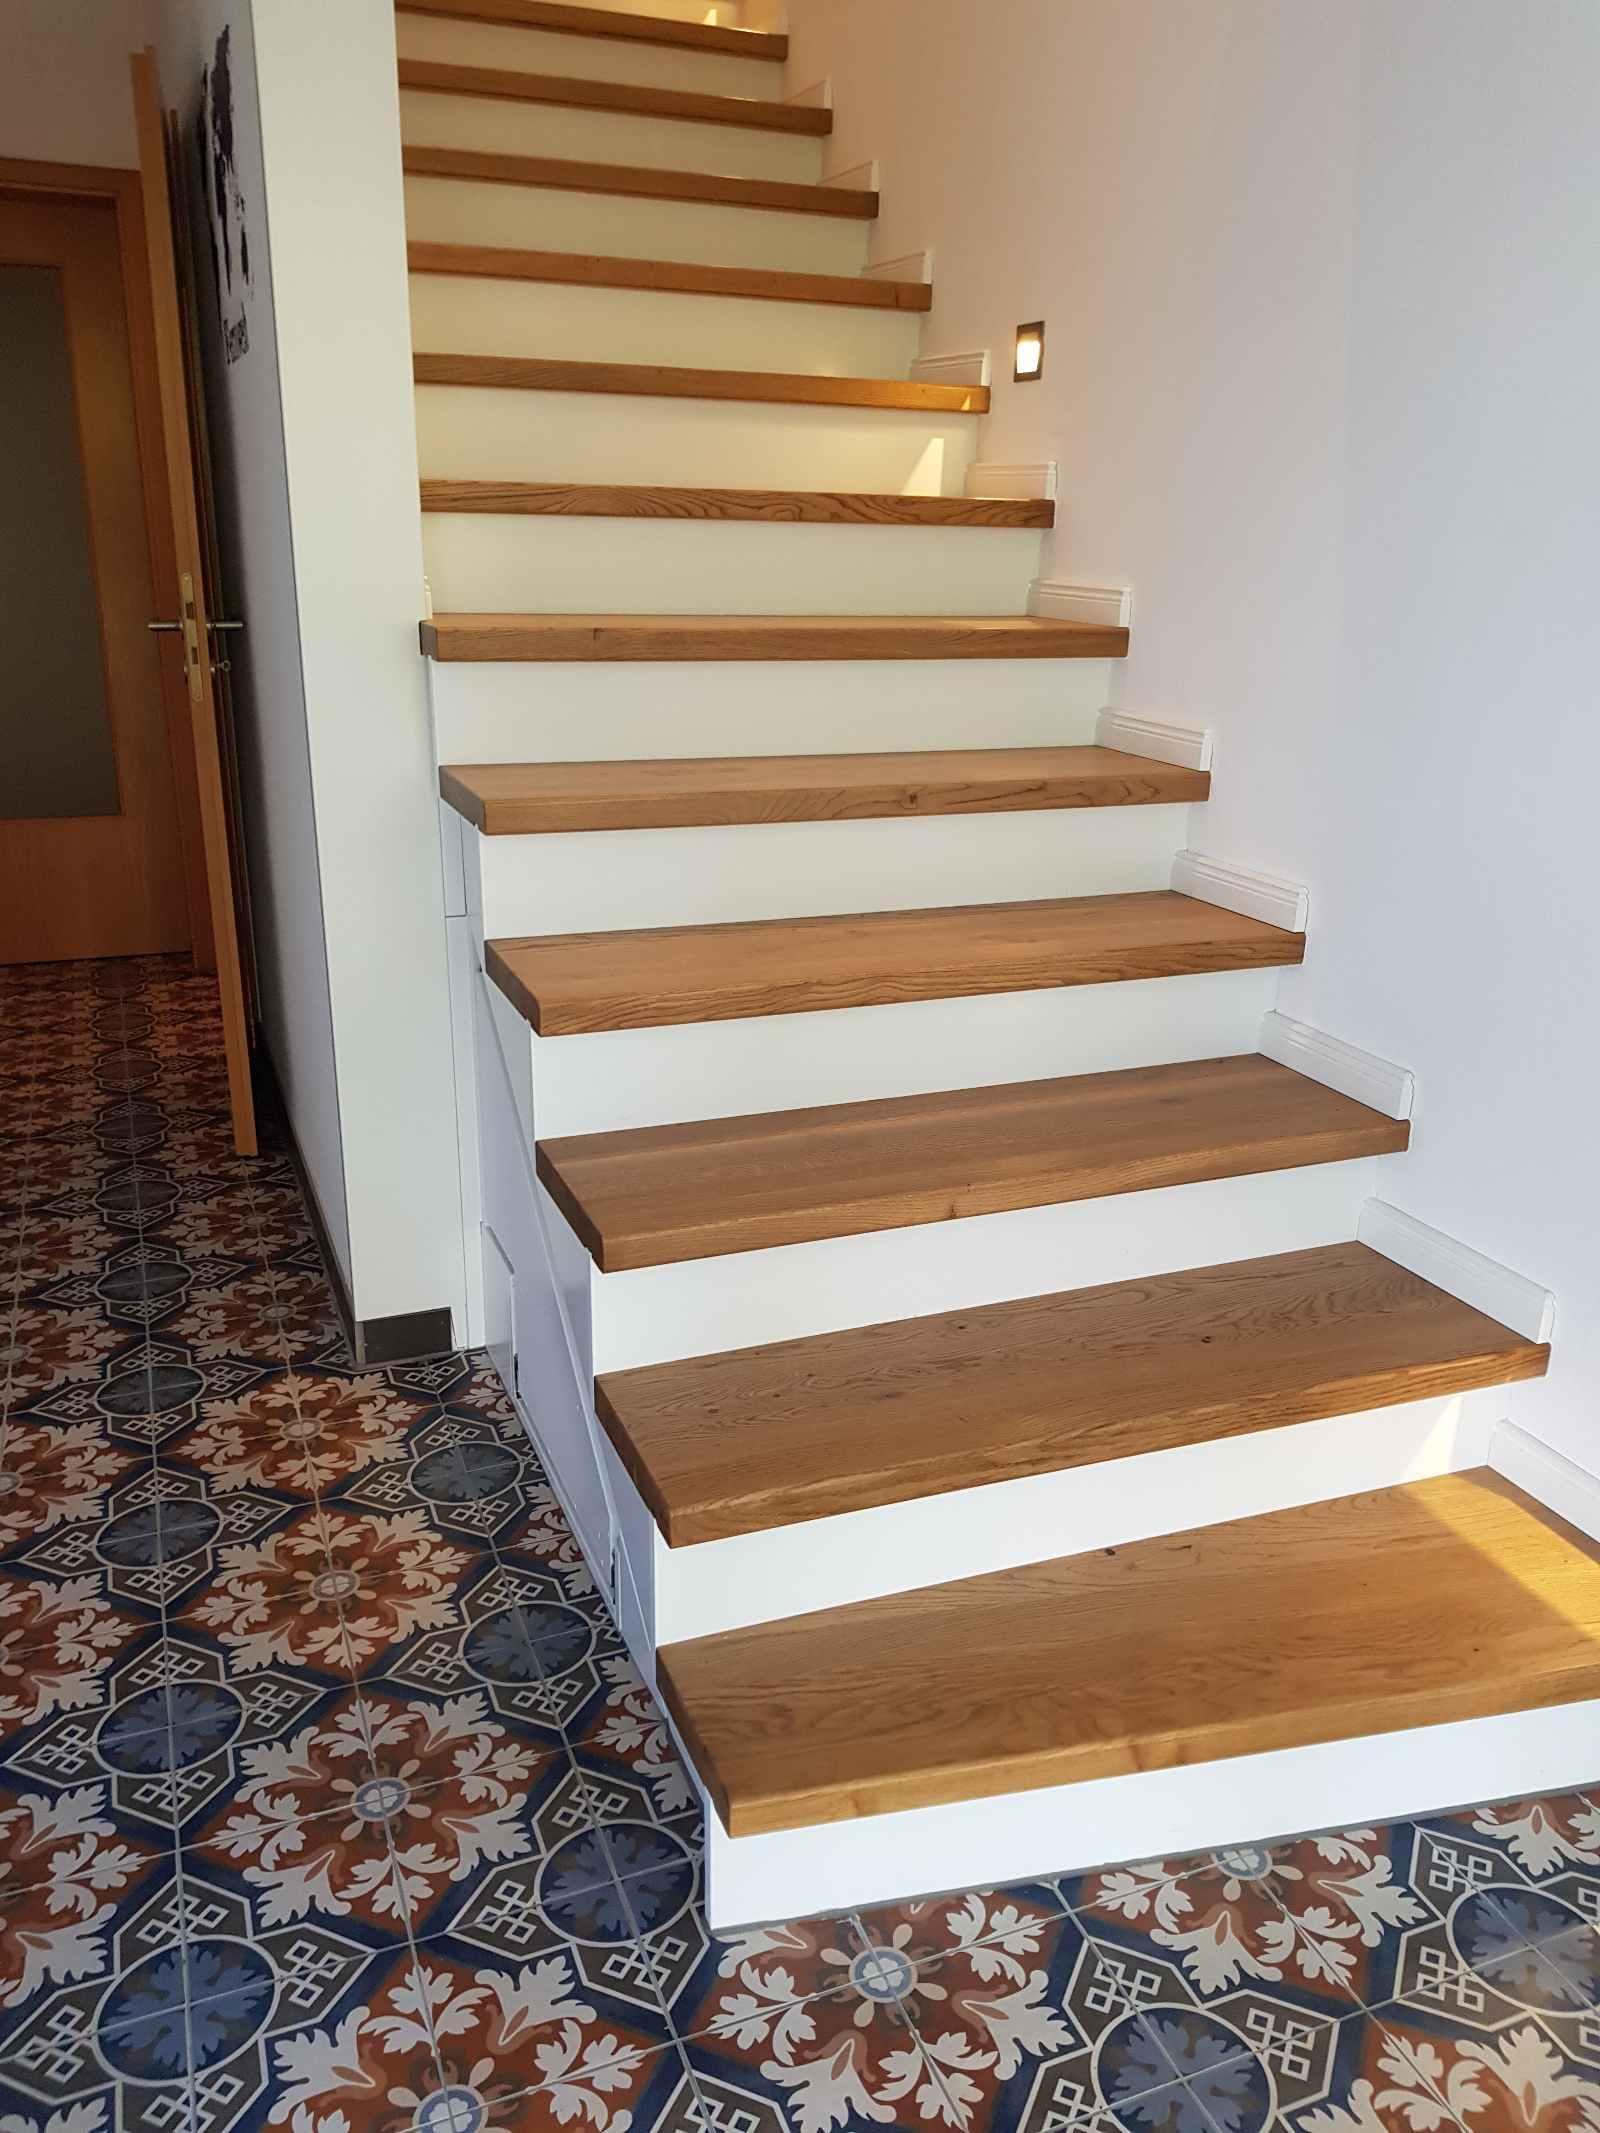 t8 - Treppen